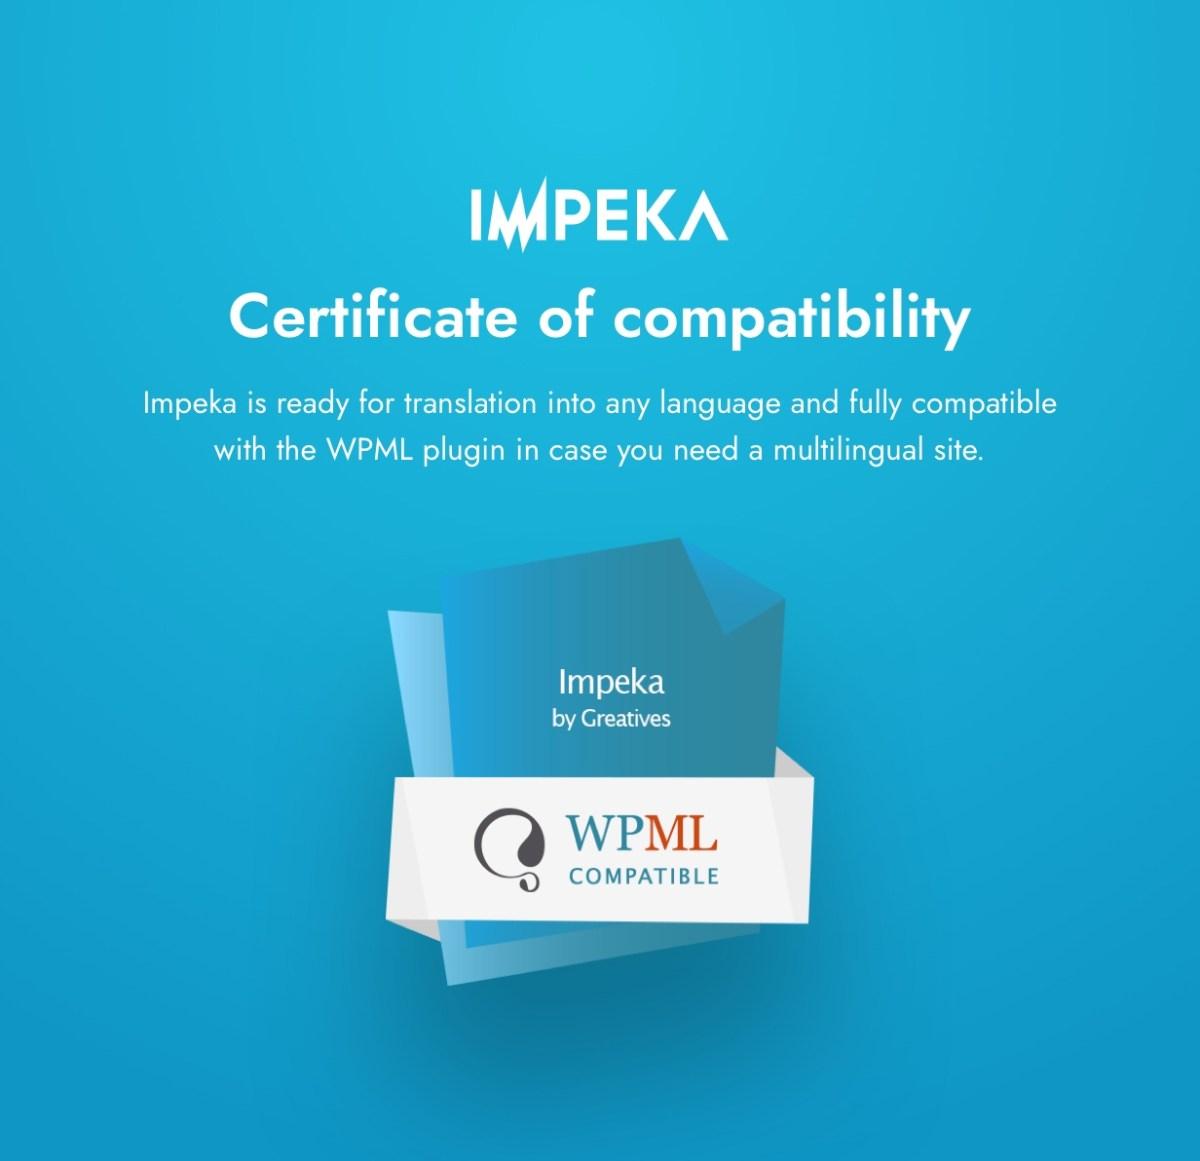 Impeka & WPML